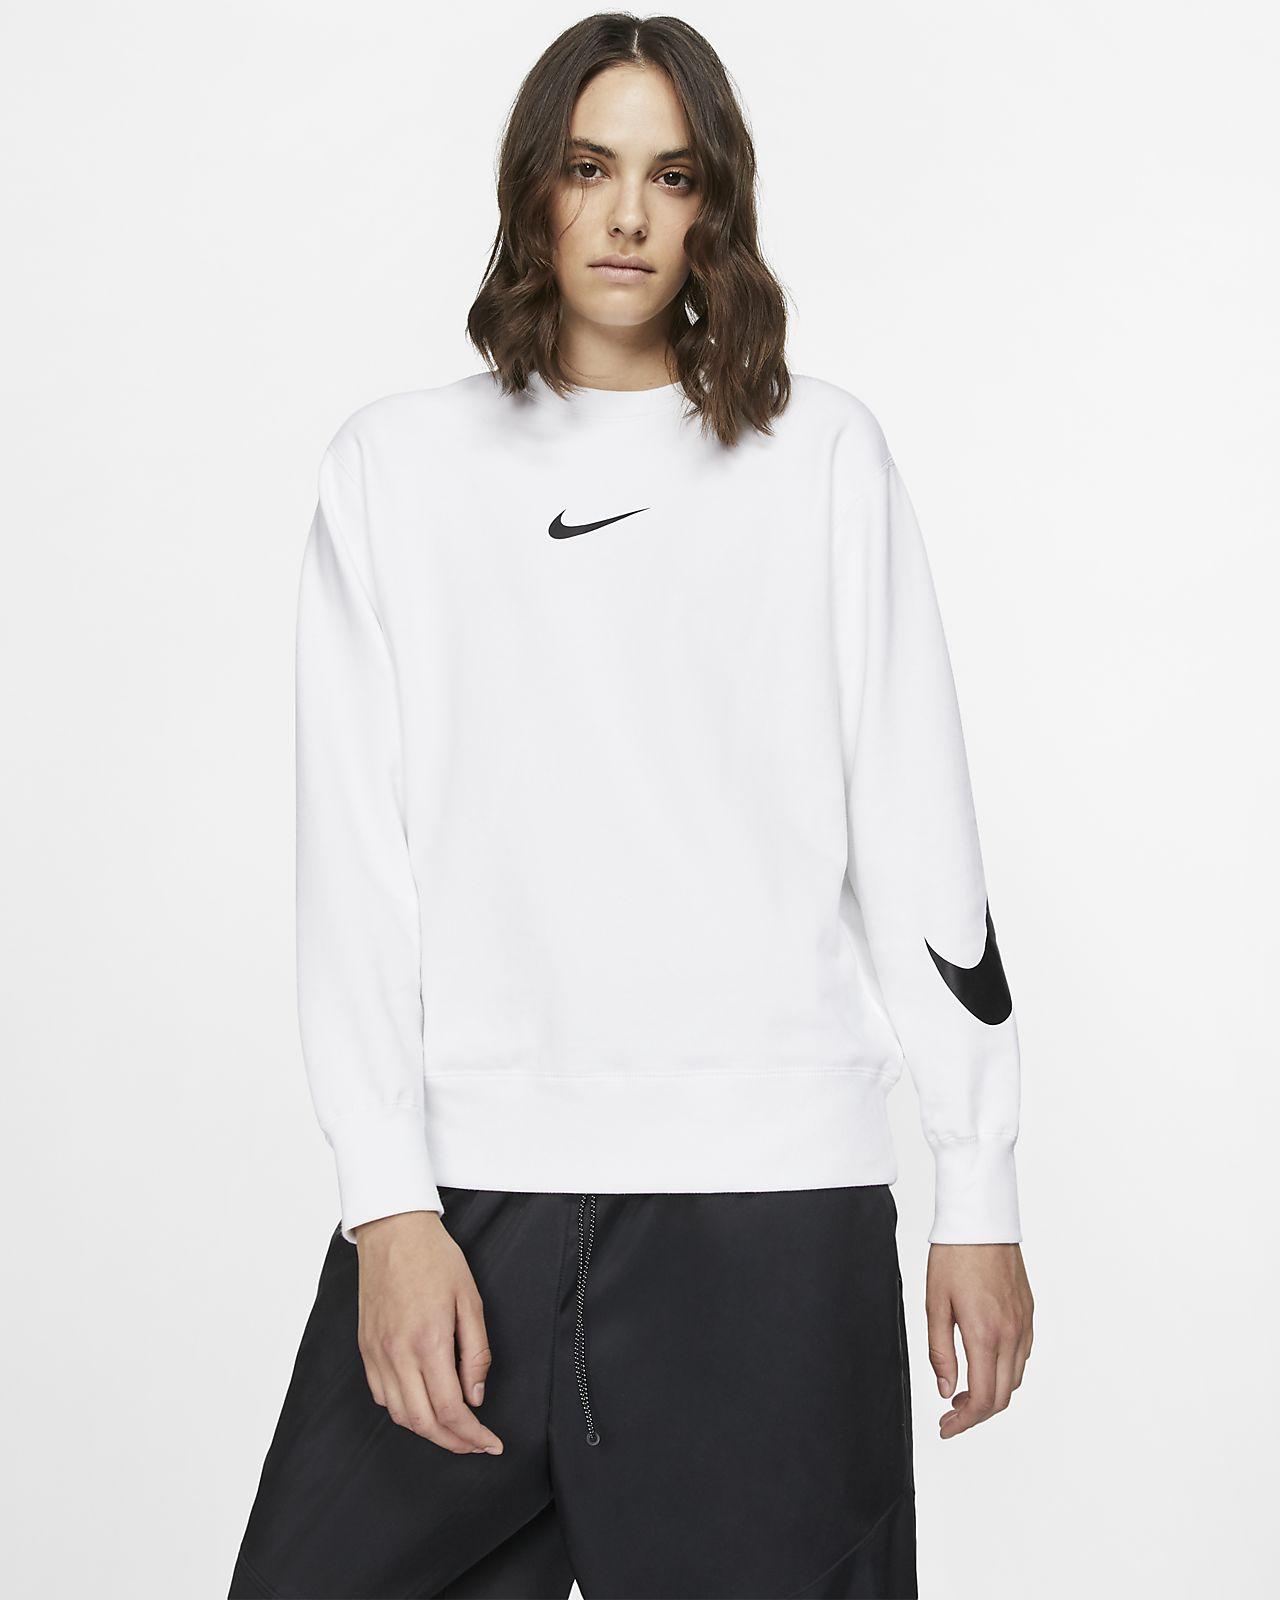 Nike Sportswear Swoosh Uzun Kollu Fransız Havlu Kumaşı Crew Üst